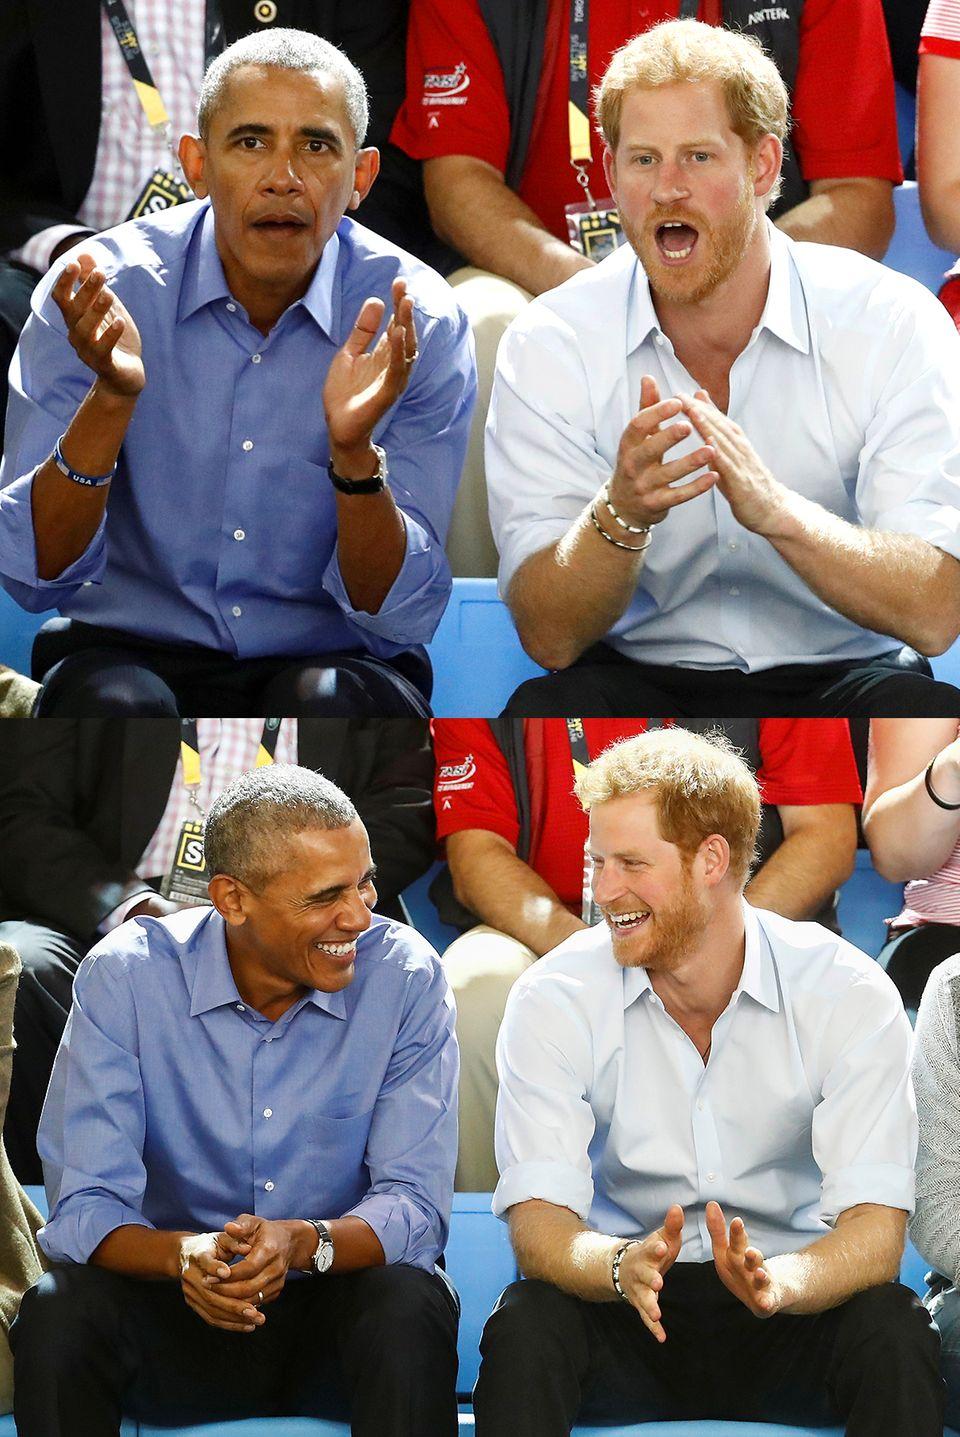 """29. September 2017  In guter Gesellschaft: Barack Obama und Prinz Harry fiebern gemeinsam beimRollstuhlbasketball während der """"Invictus Games"""" in Toronto mit und verstehen sich am Spielfeldrand bestens."""